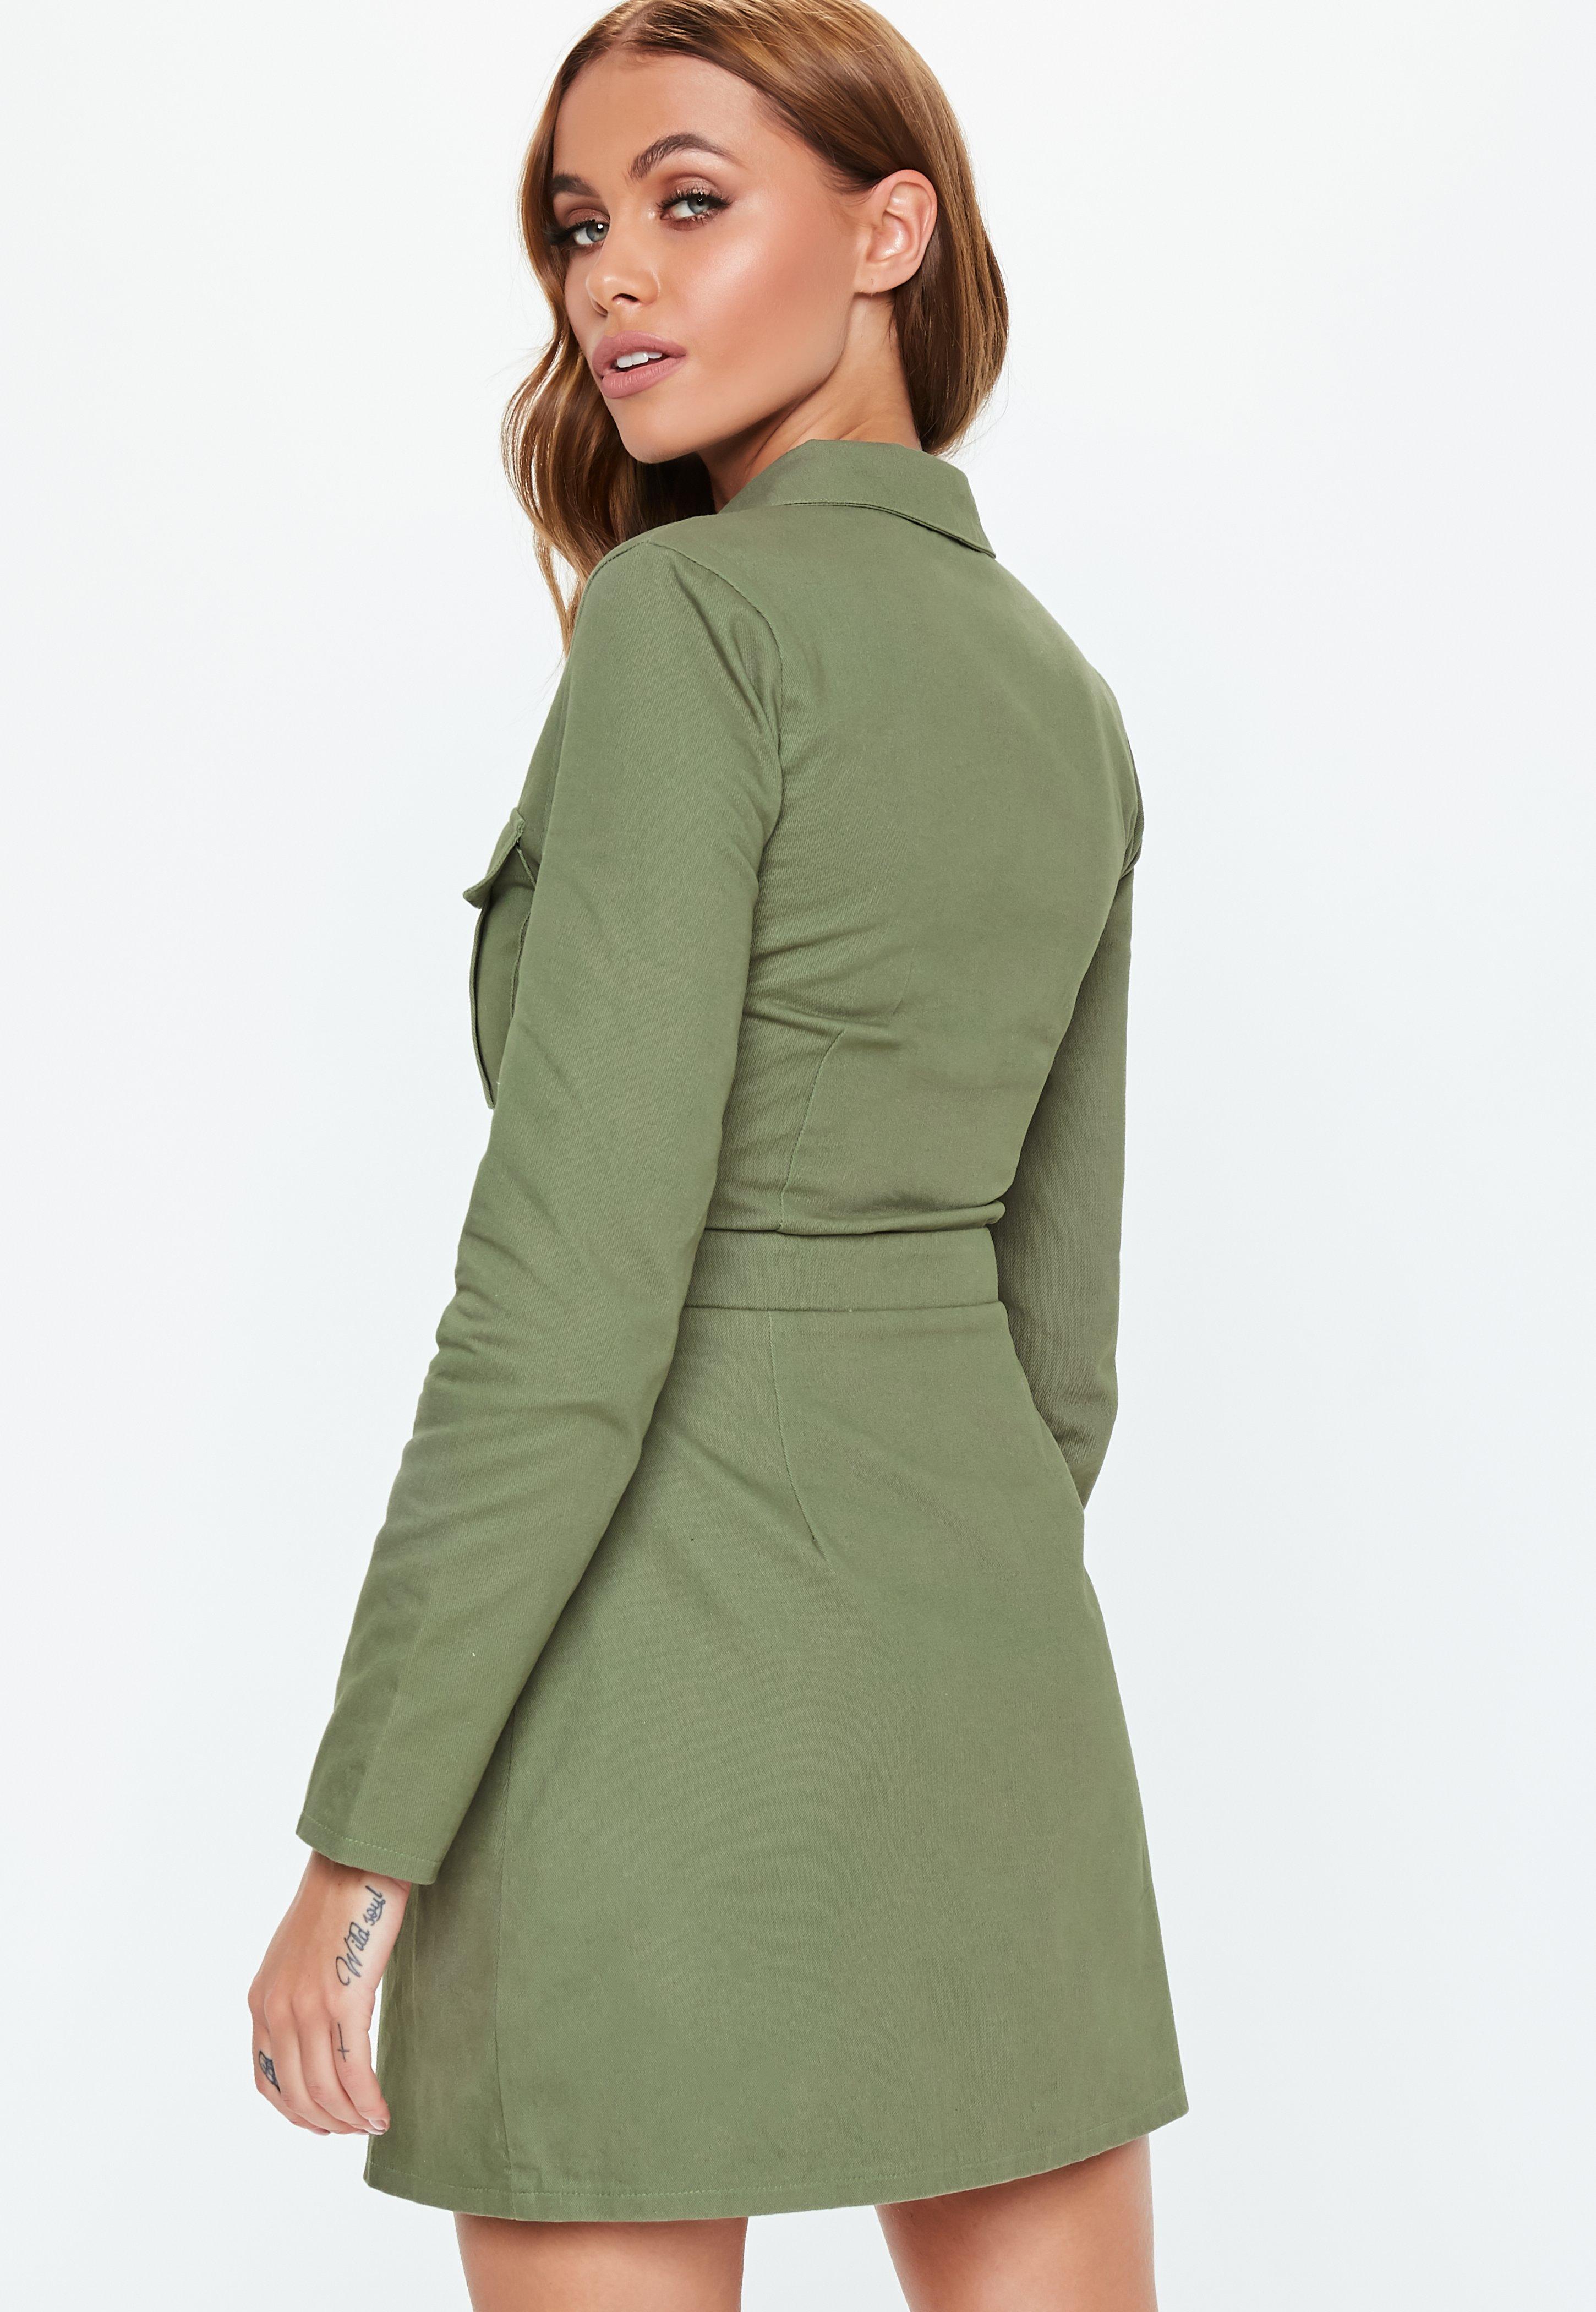 9575f47e8b Missguided - Green Khaki Zip Through Skater Shirt Dress - Lyst. View  fullscreen